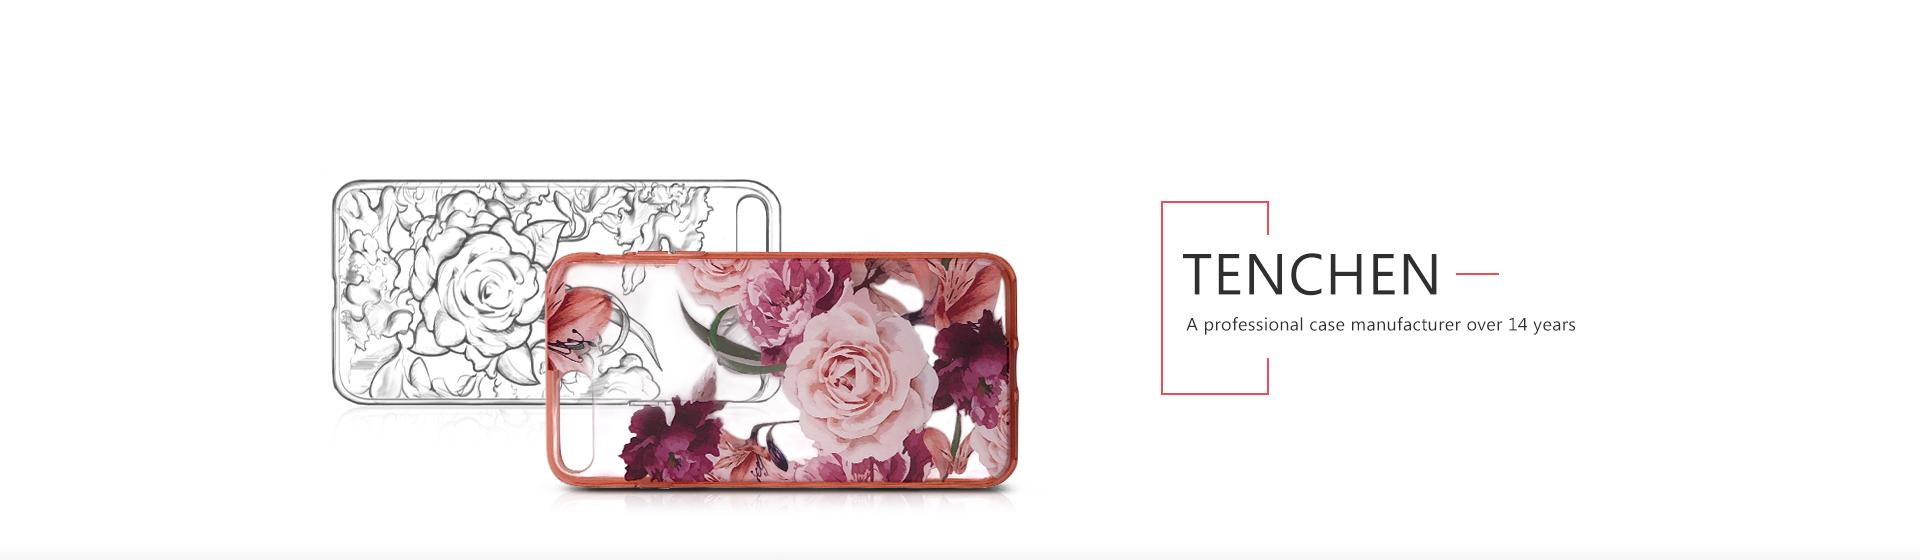 High-quality Mac Air Computer Case See Through Phone Case-TenChen Tech-img